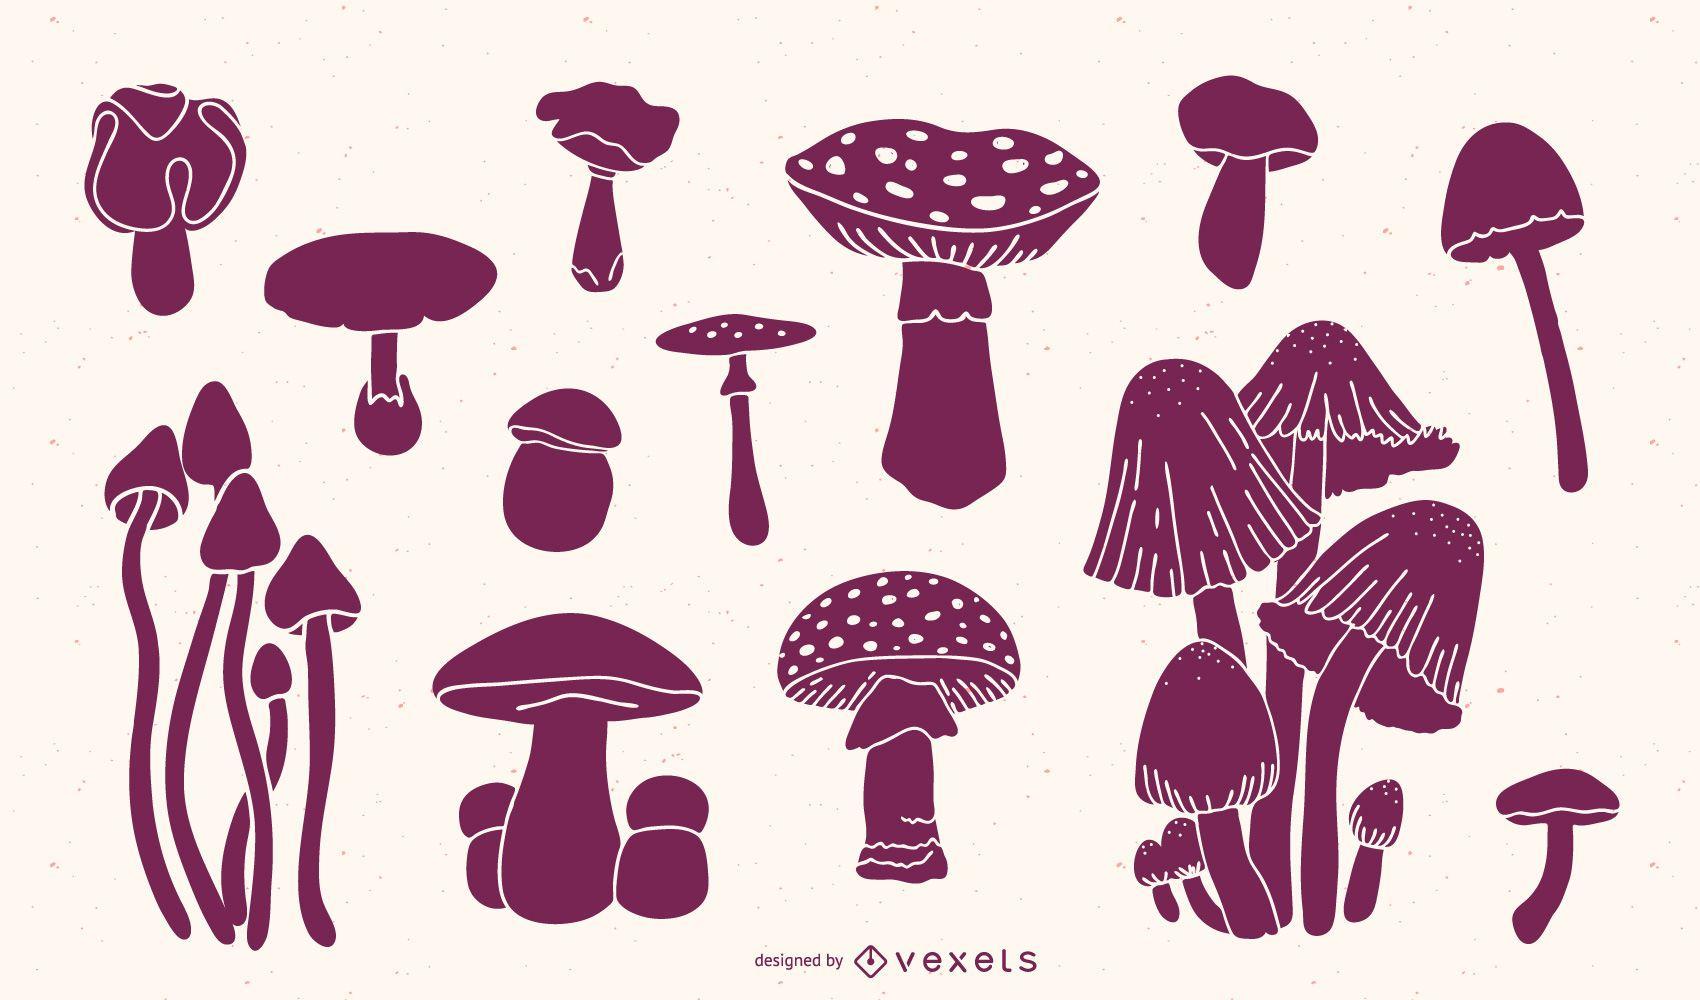 Mushroom silhouettes pack